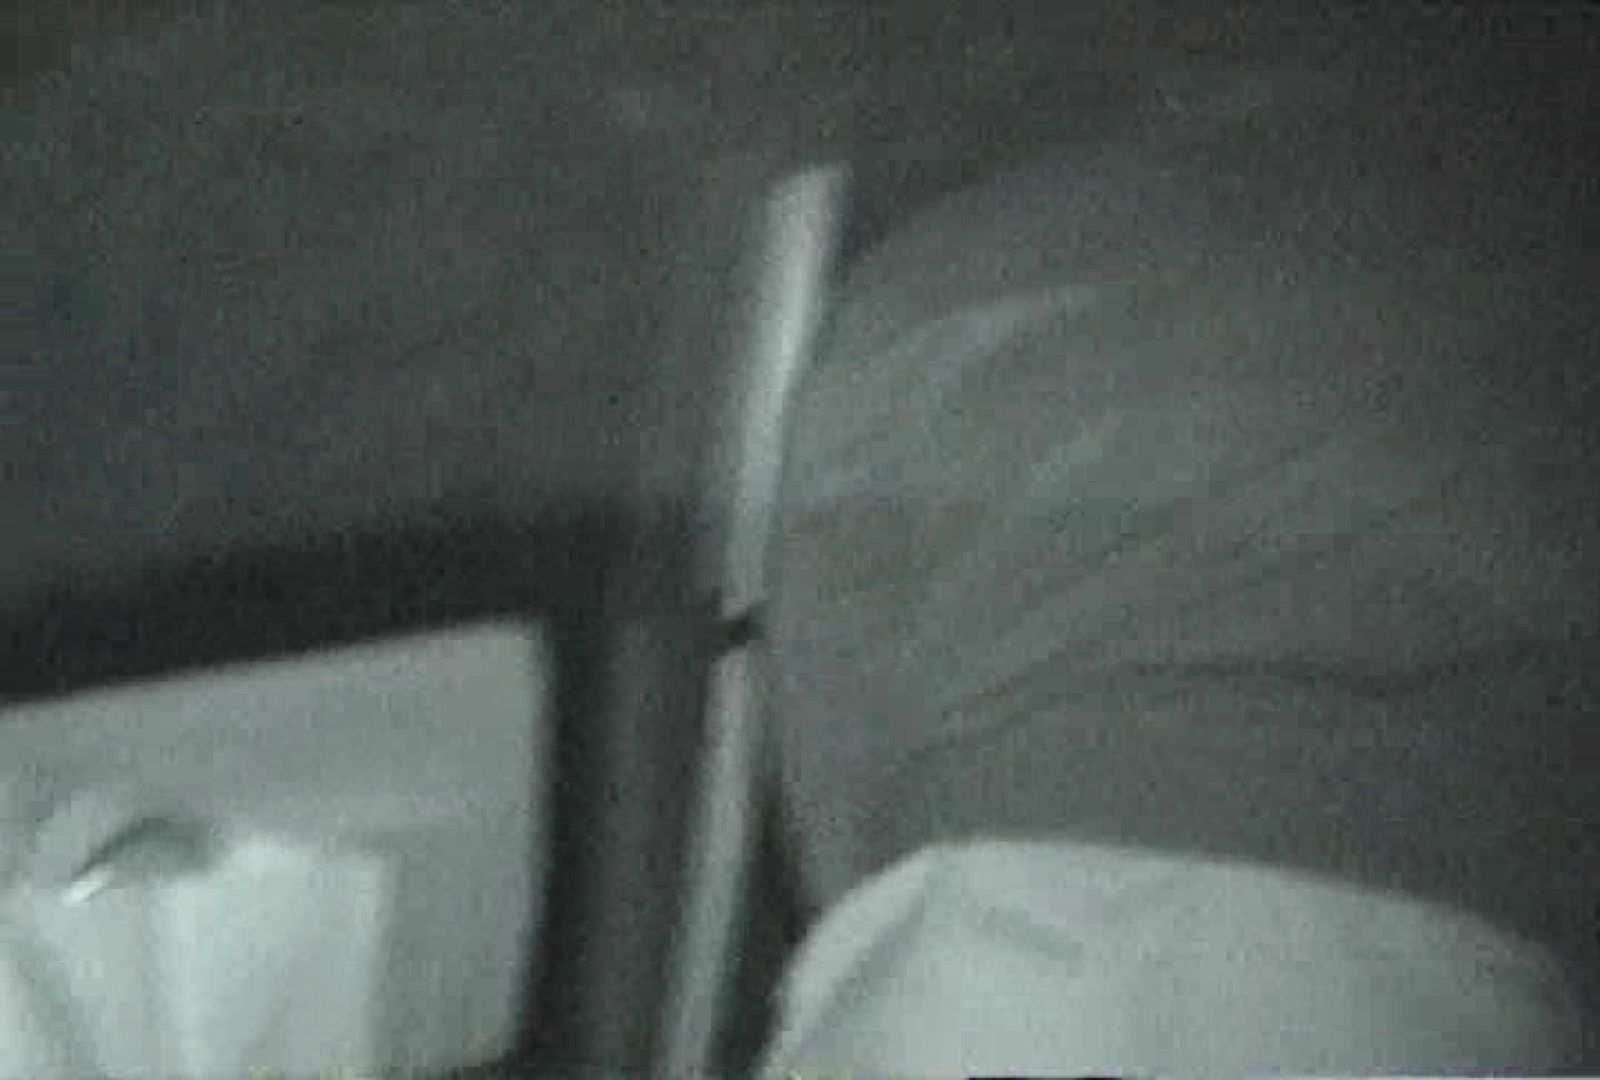 充血監督の深夜の運動会Vol.89 カップル SEX無修正画像 87pic 35